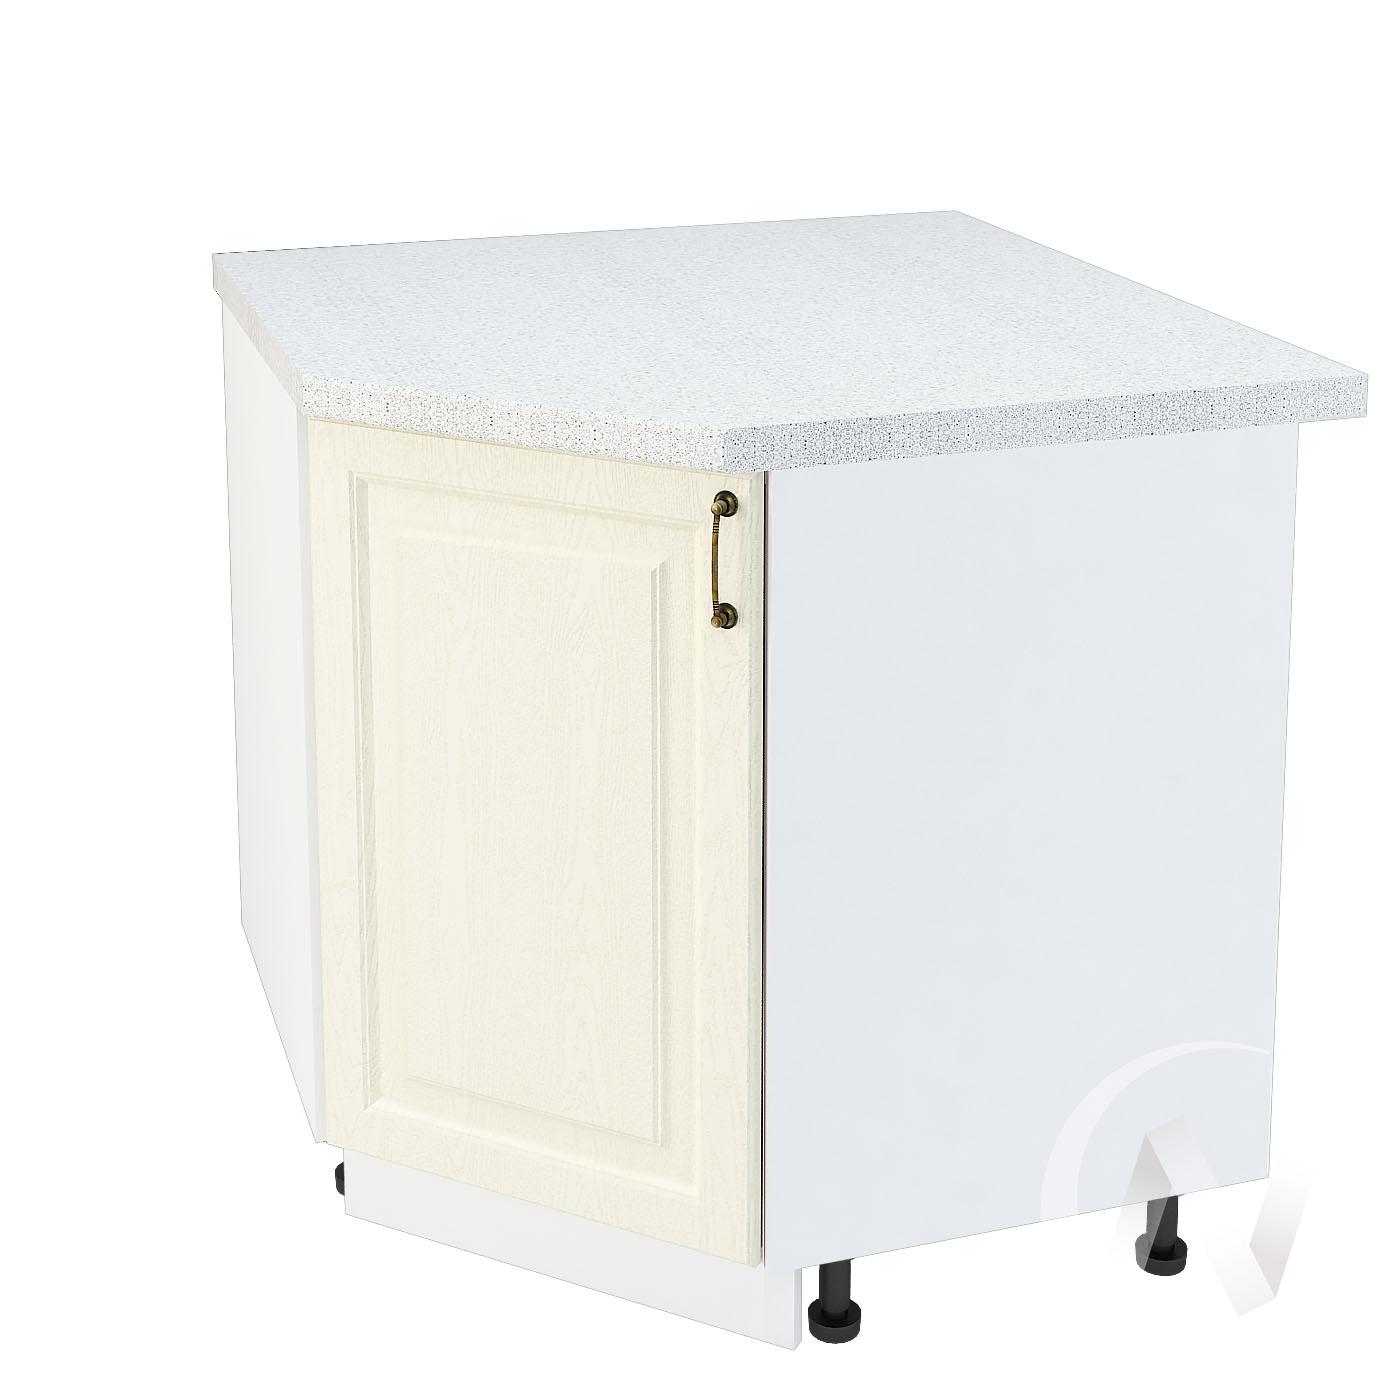 """Кухня """"Ницца"""": Шкаф нижний угловой 890, ШНУ 890 (Крем/корпус белый)"""